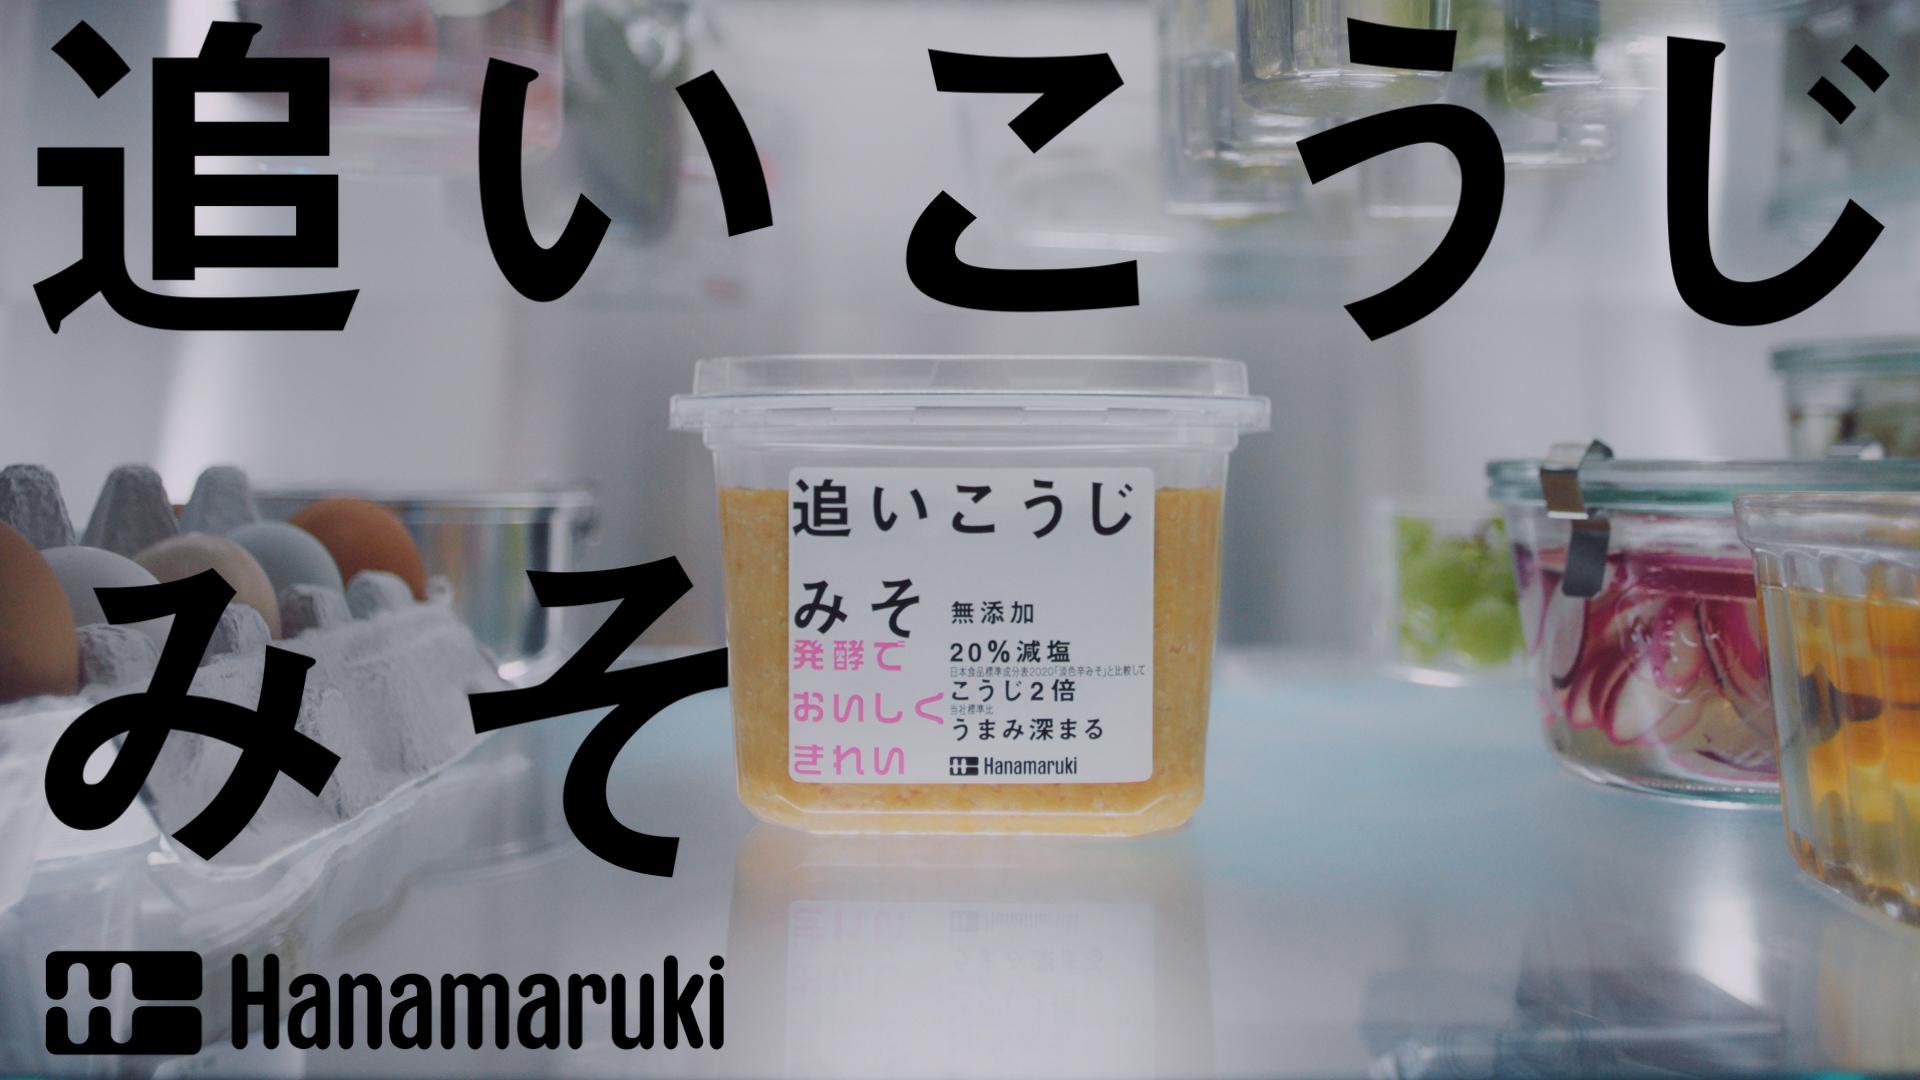 「追いこうじみそ」TVCM ~おみそならハナマルキ篇~